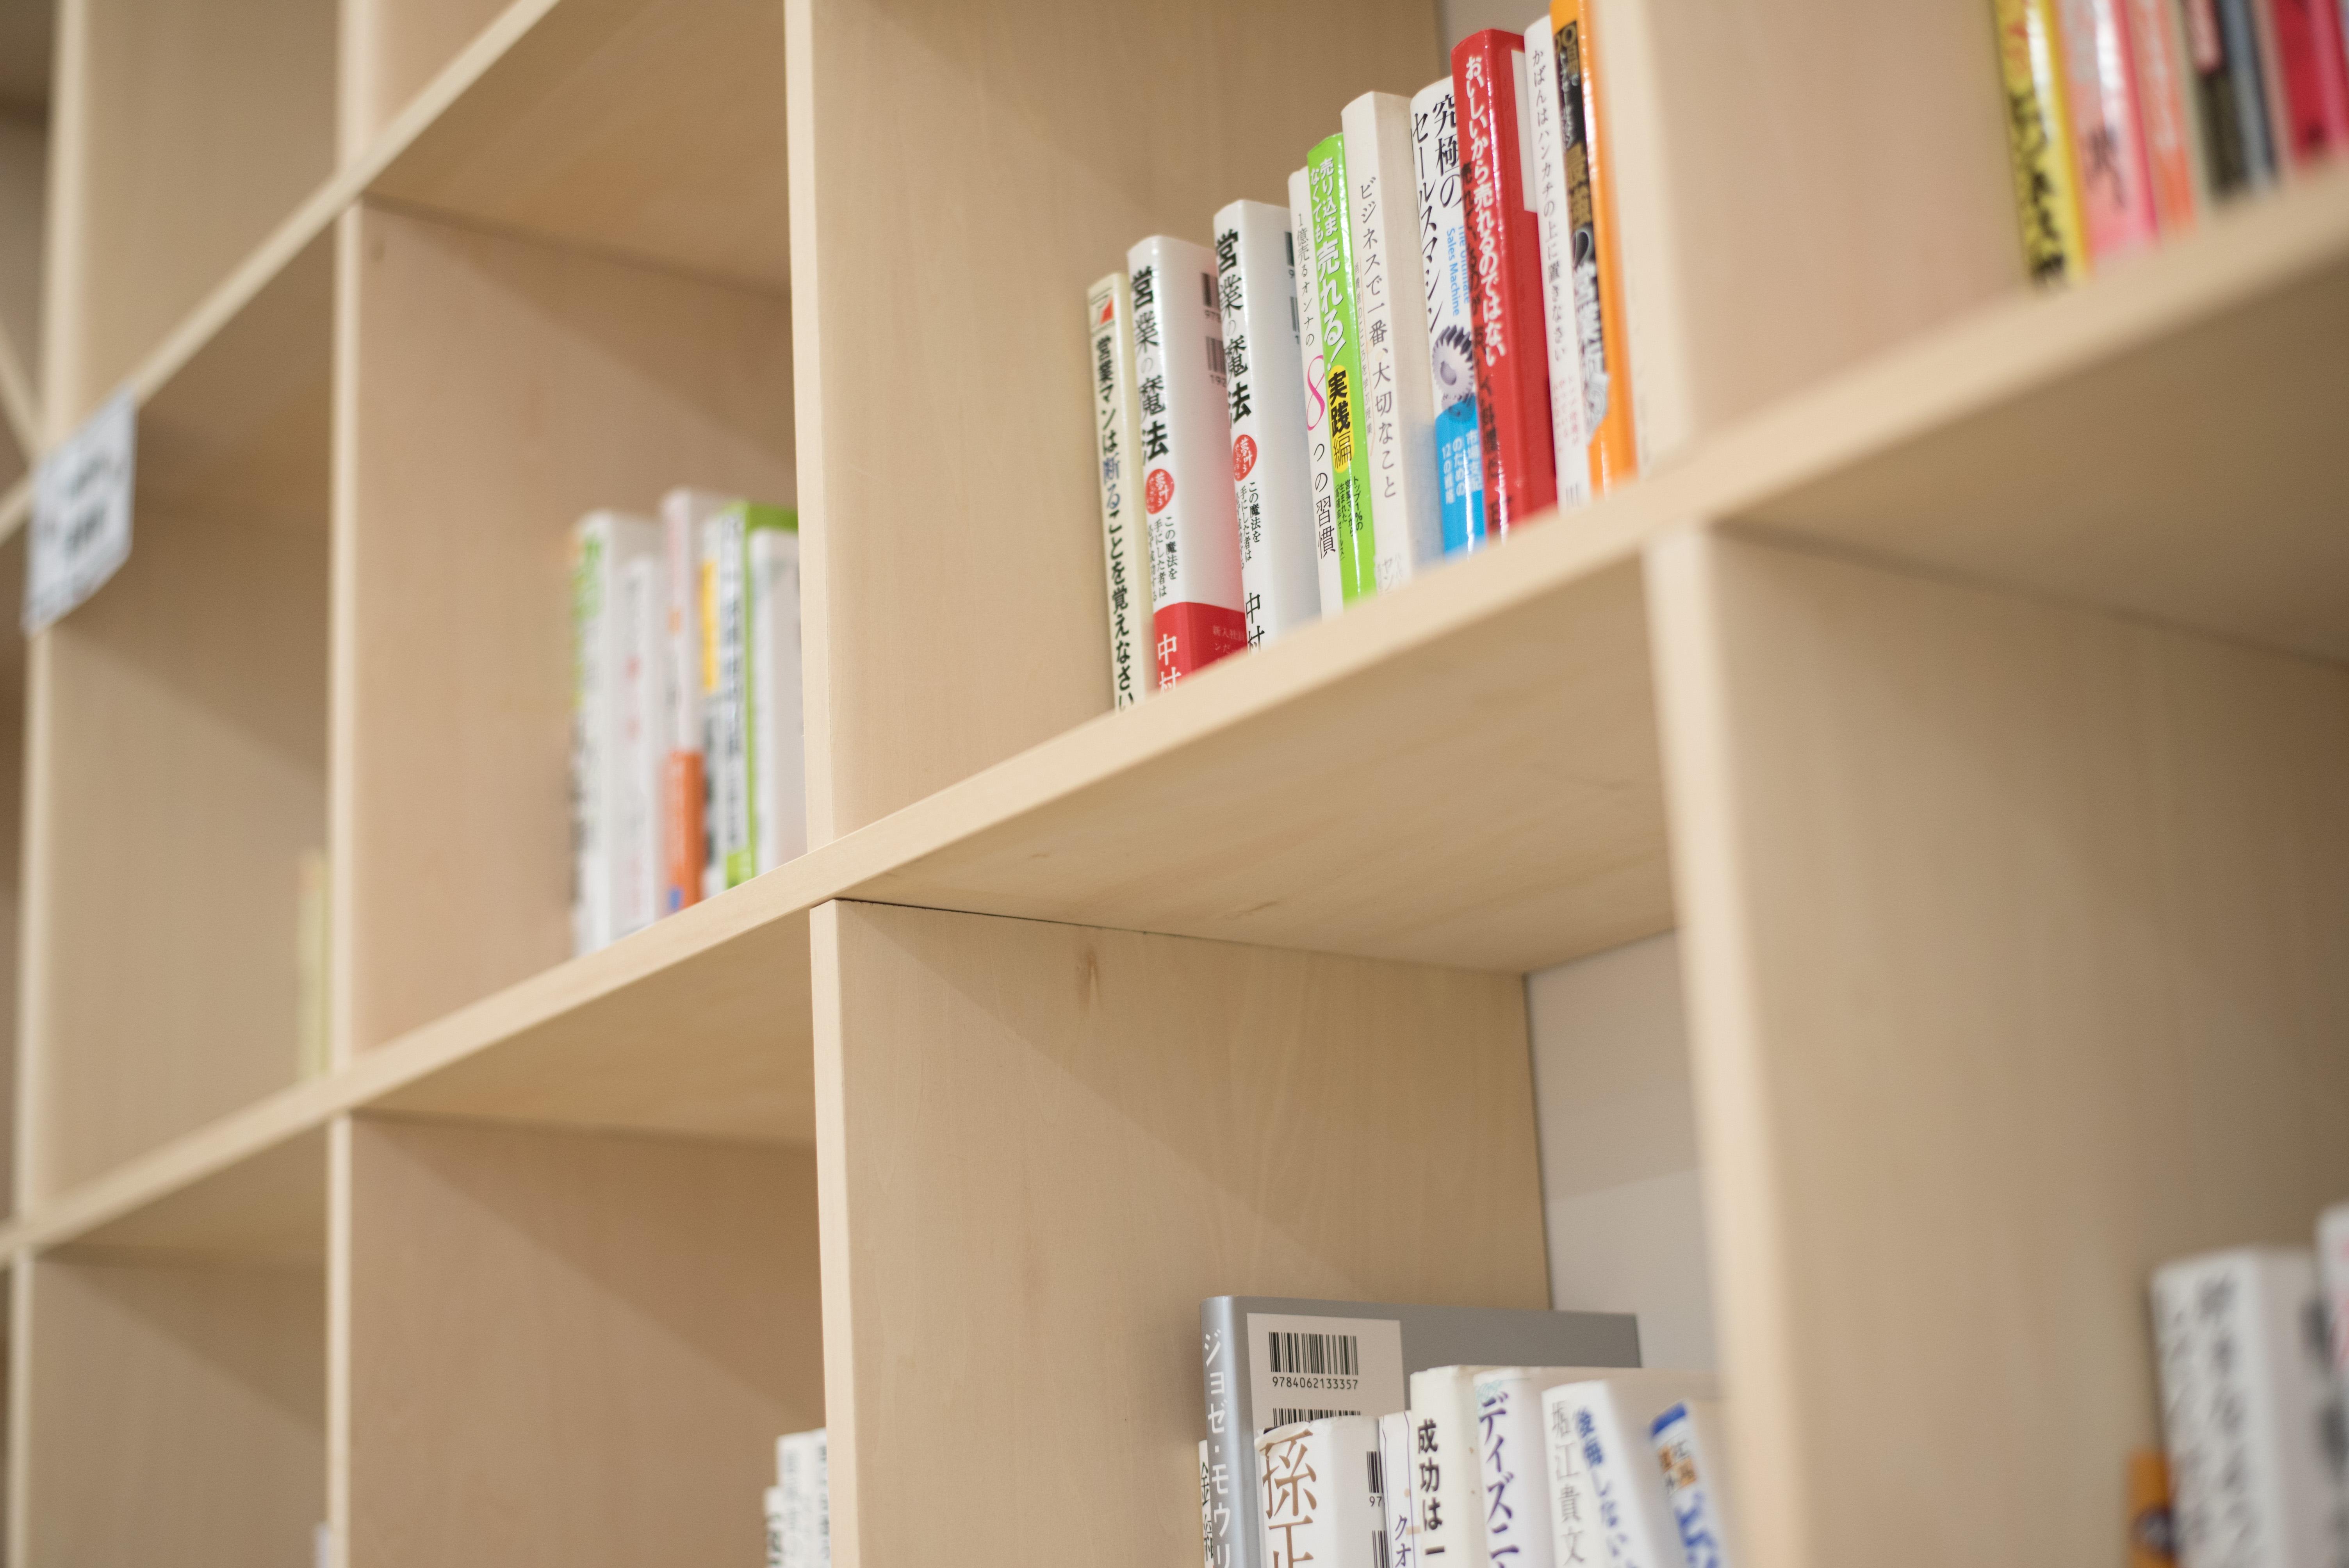 【ビースタイル図書館】ビジネス書を貸与しています。読みたい本のリクエストも歓迎!